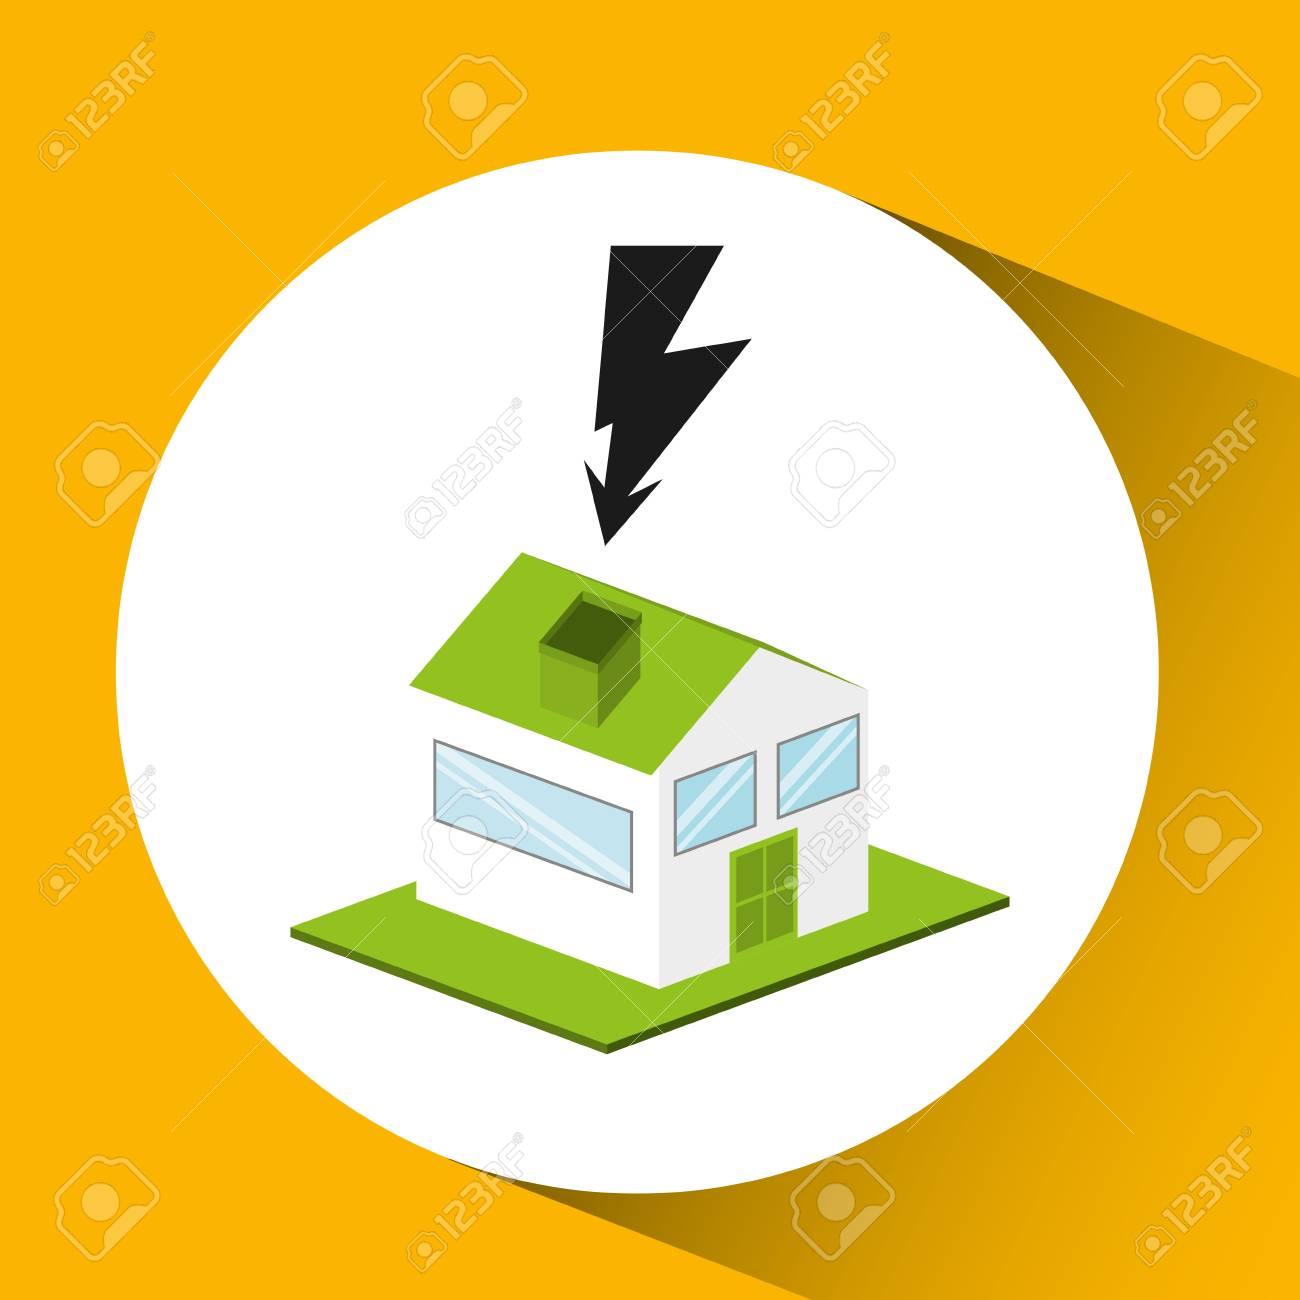 maison avec alimentation lectrique icne illustration vectorielle banque dimages 60271451 - Alimentation Electrique D Une Maison